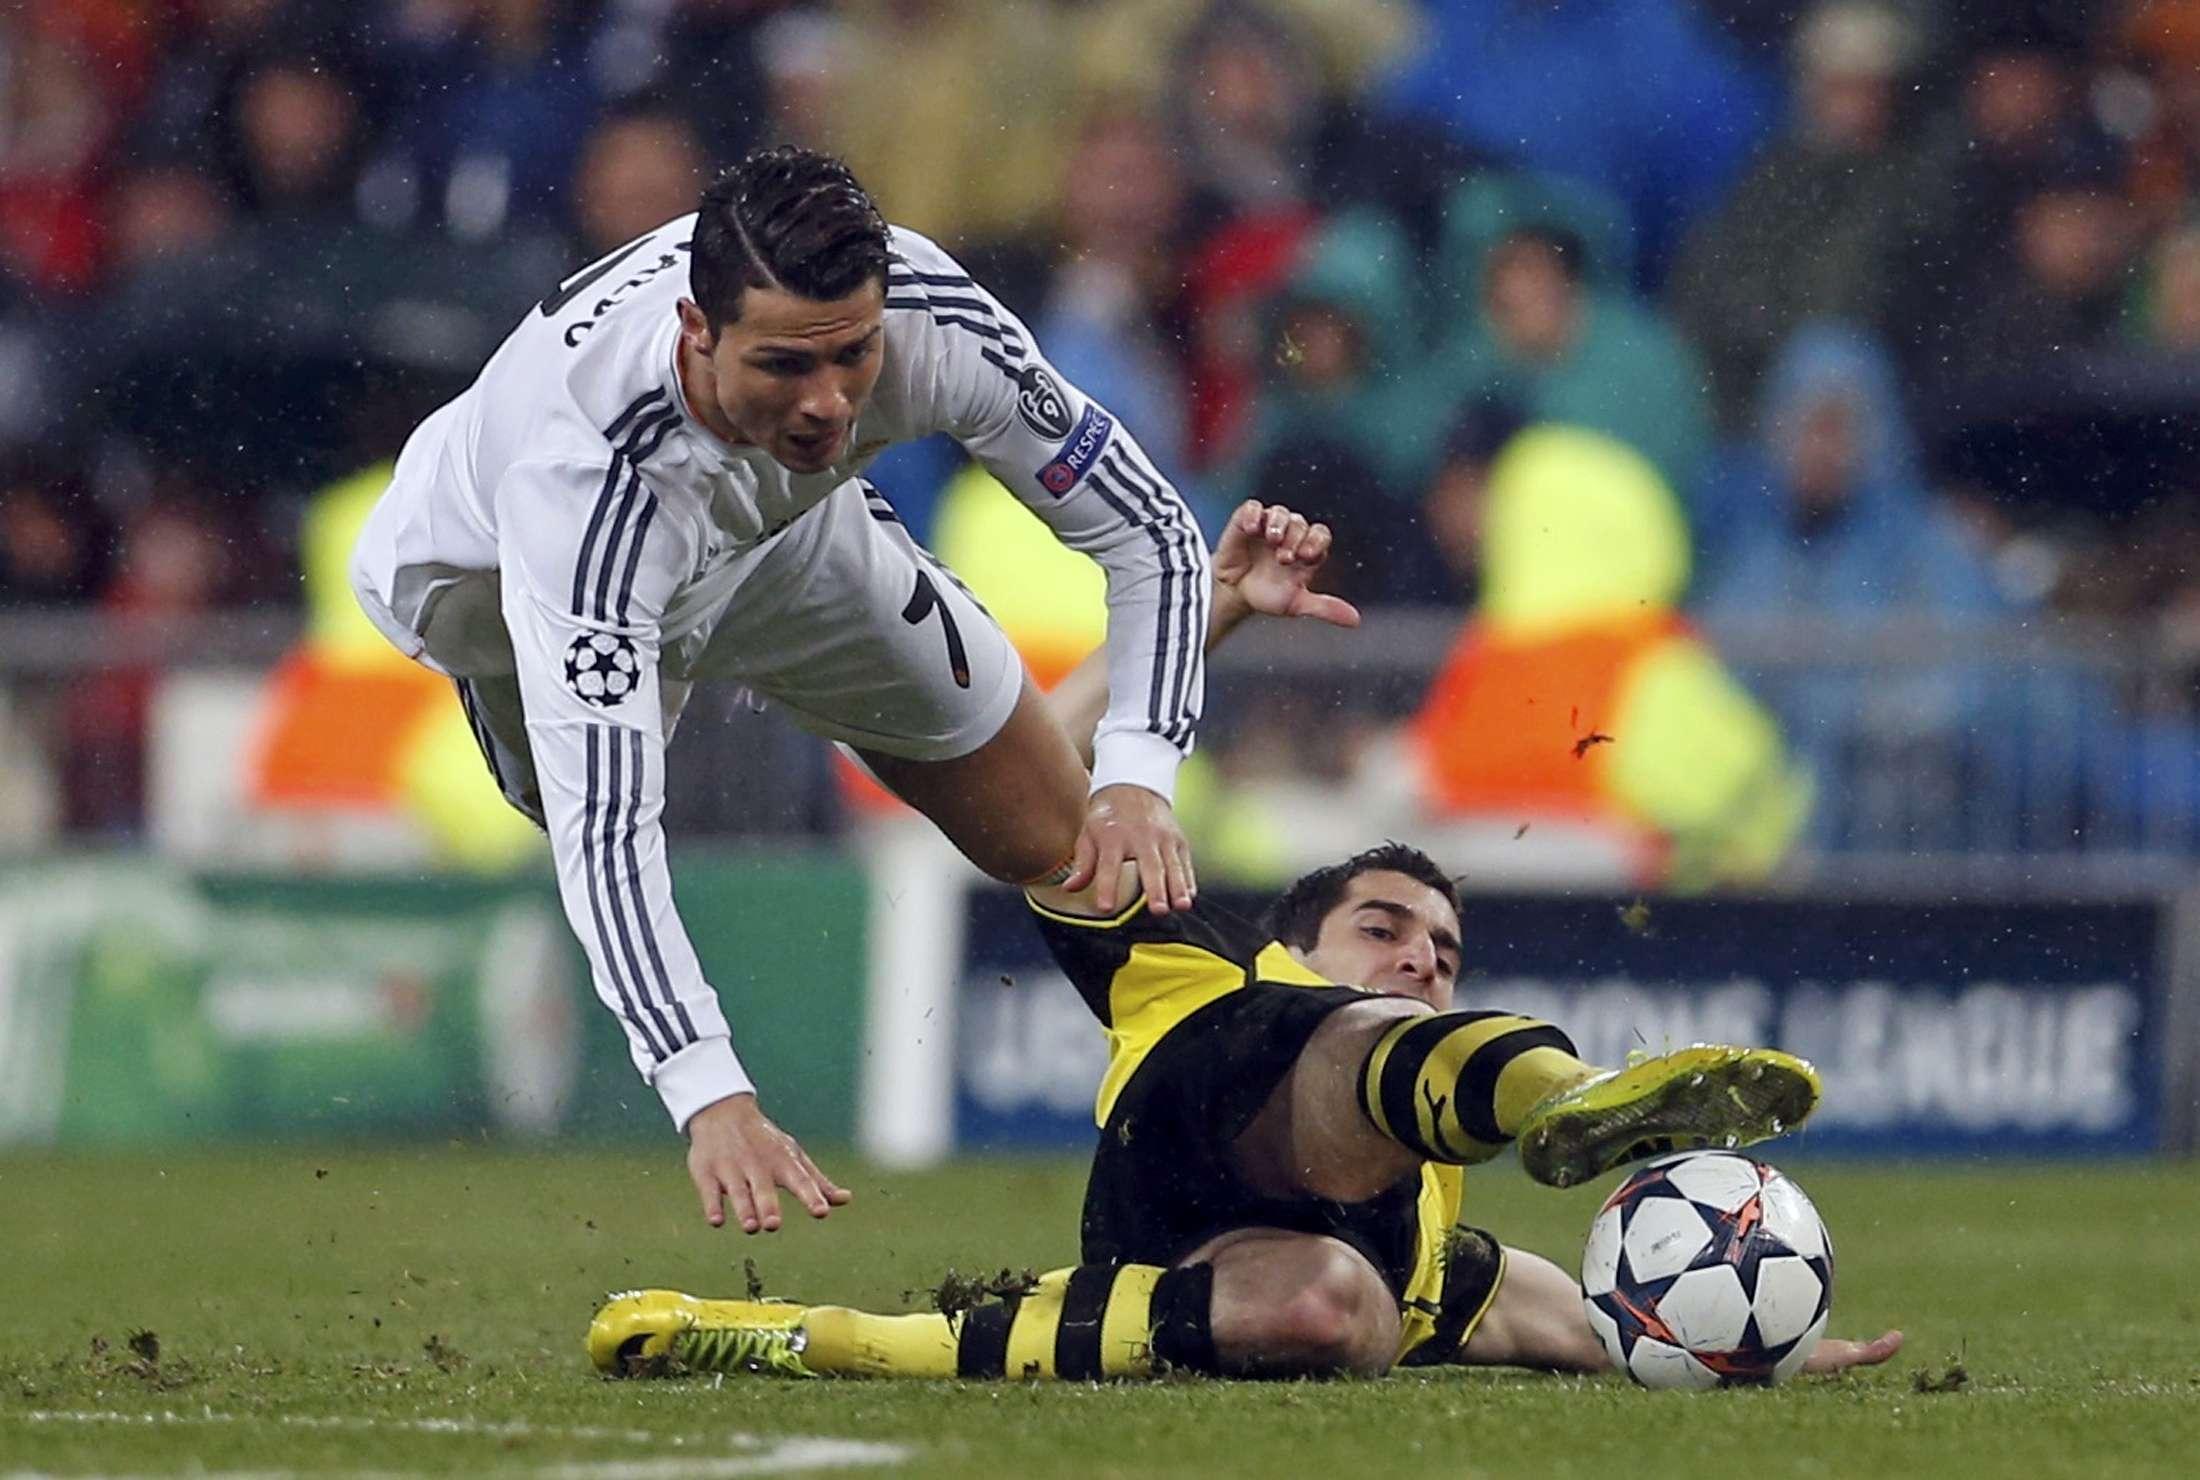 Lesão deve tirar Cristiano Ronaldo de final contra Barça